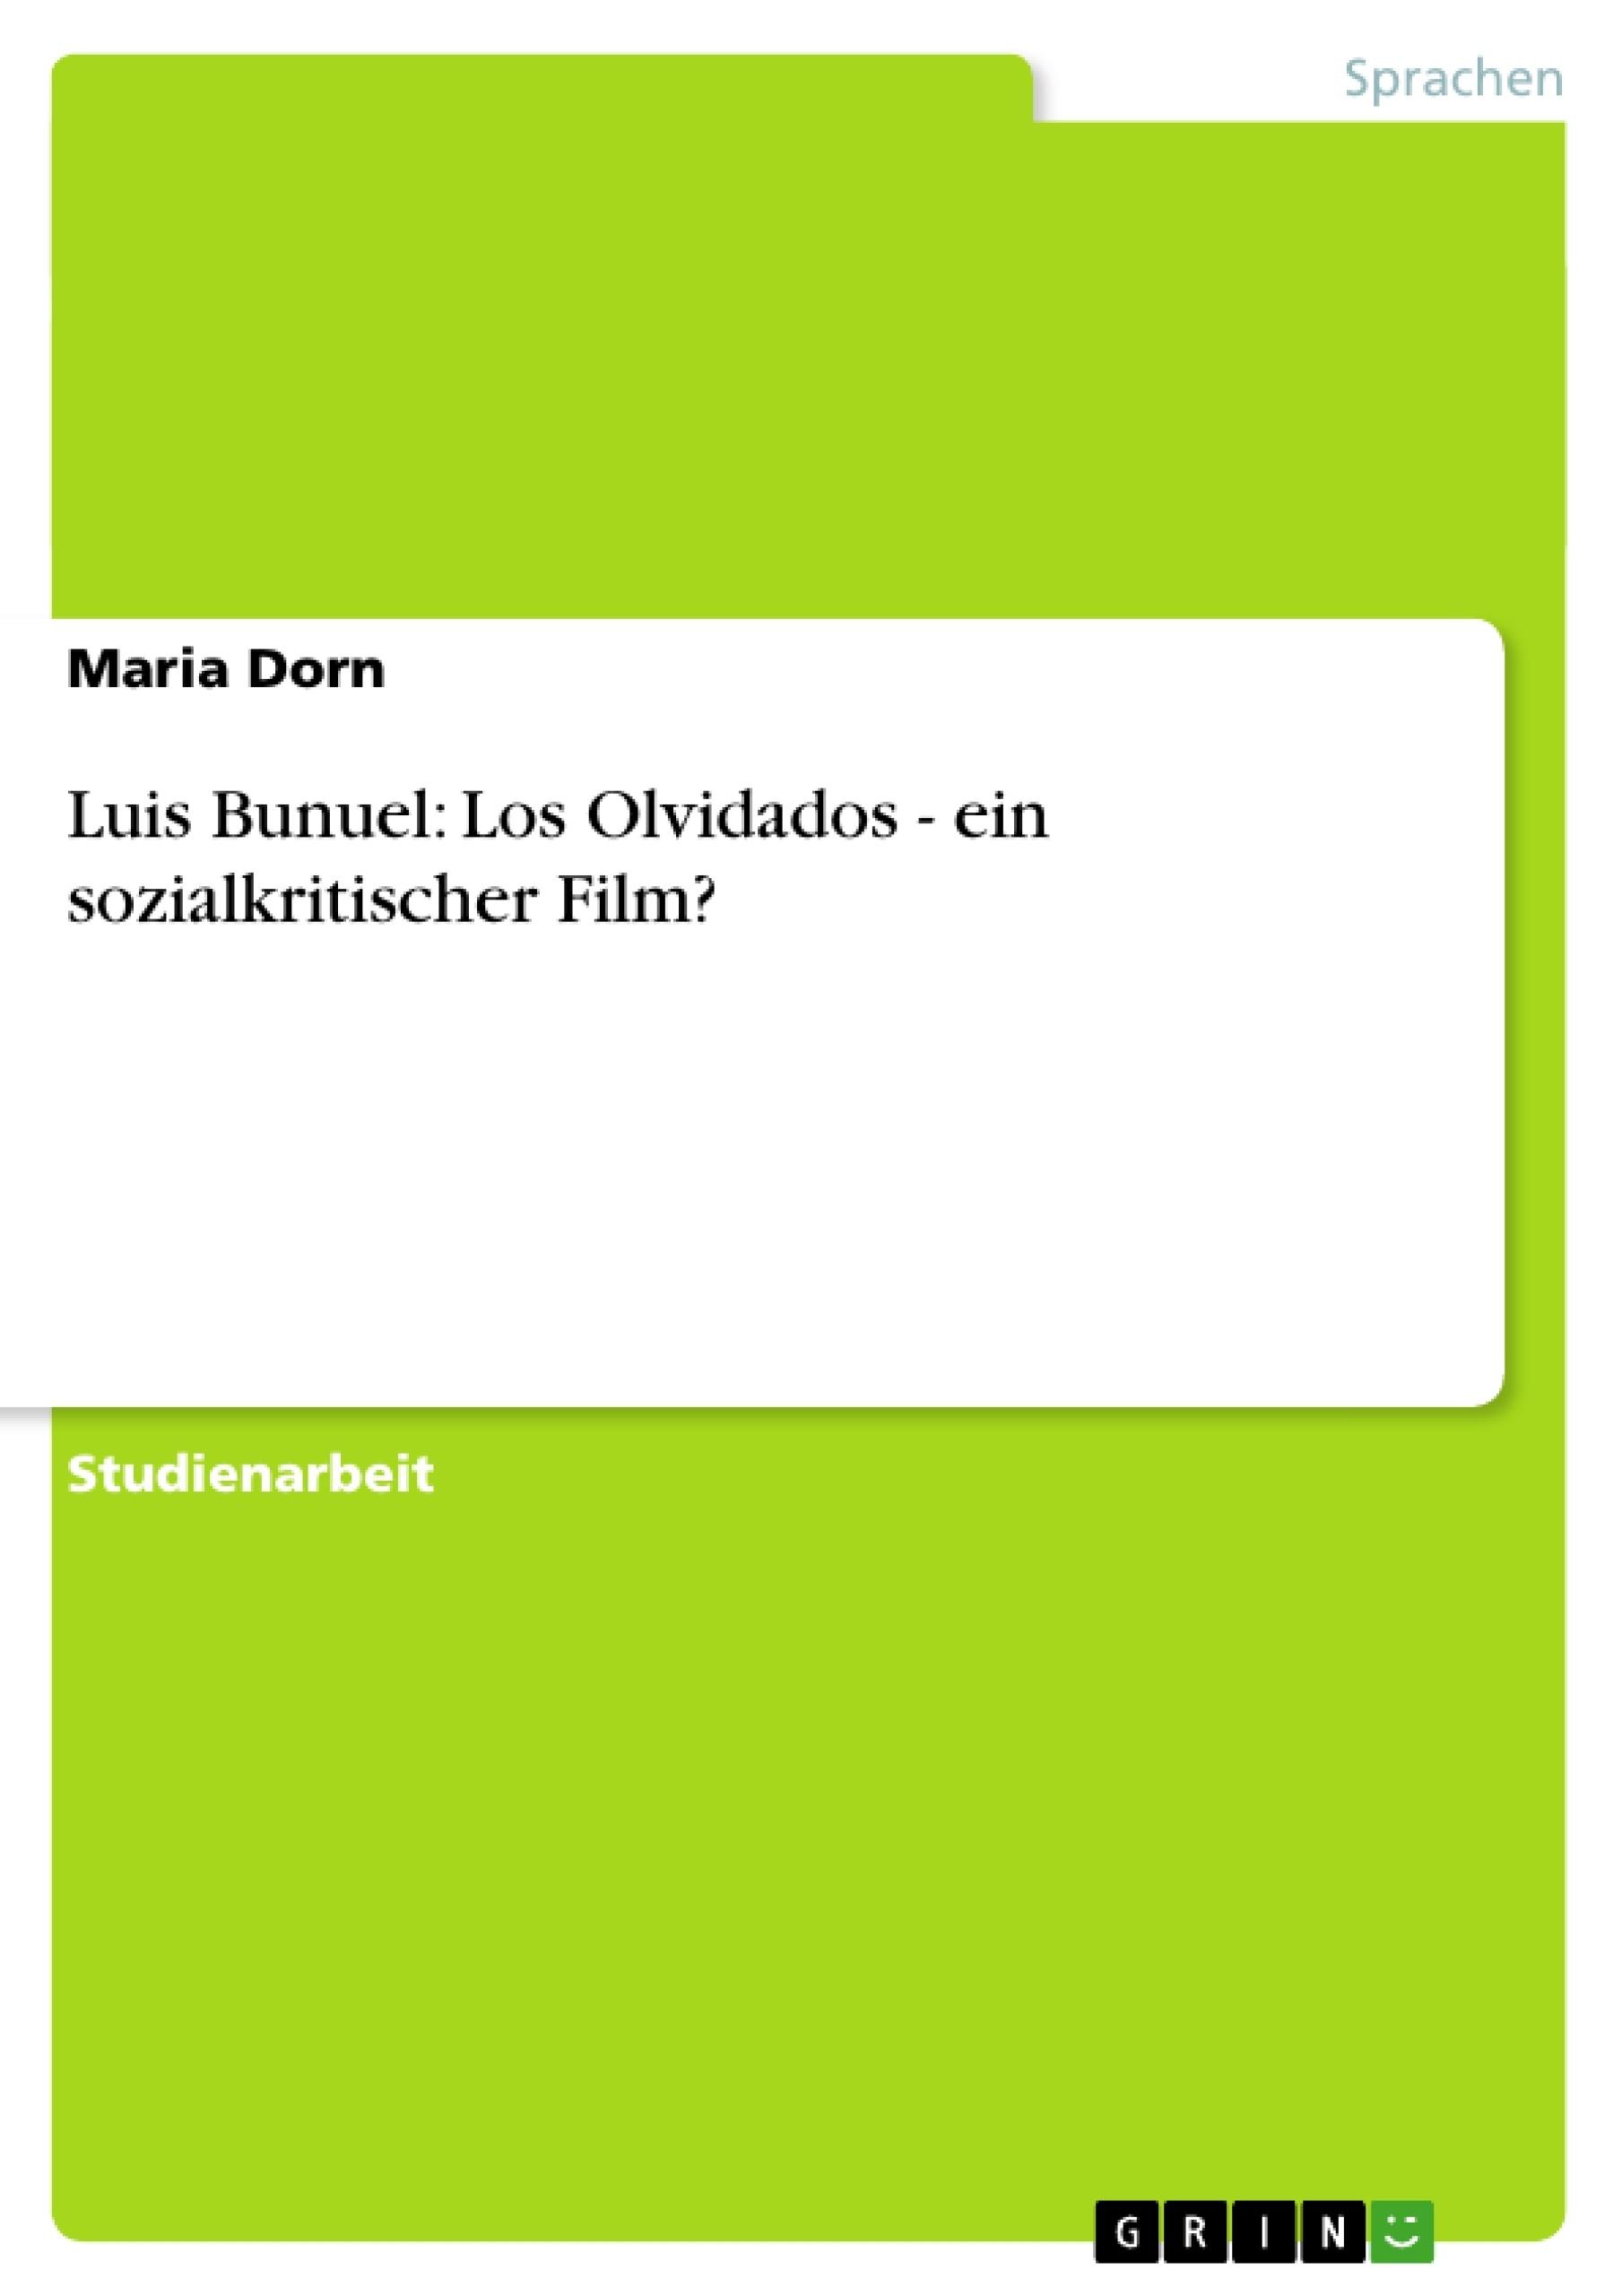 Titel: Luis Bunuel: Los Olvidados - ein sozialkritischer Film?